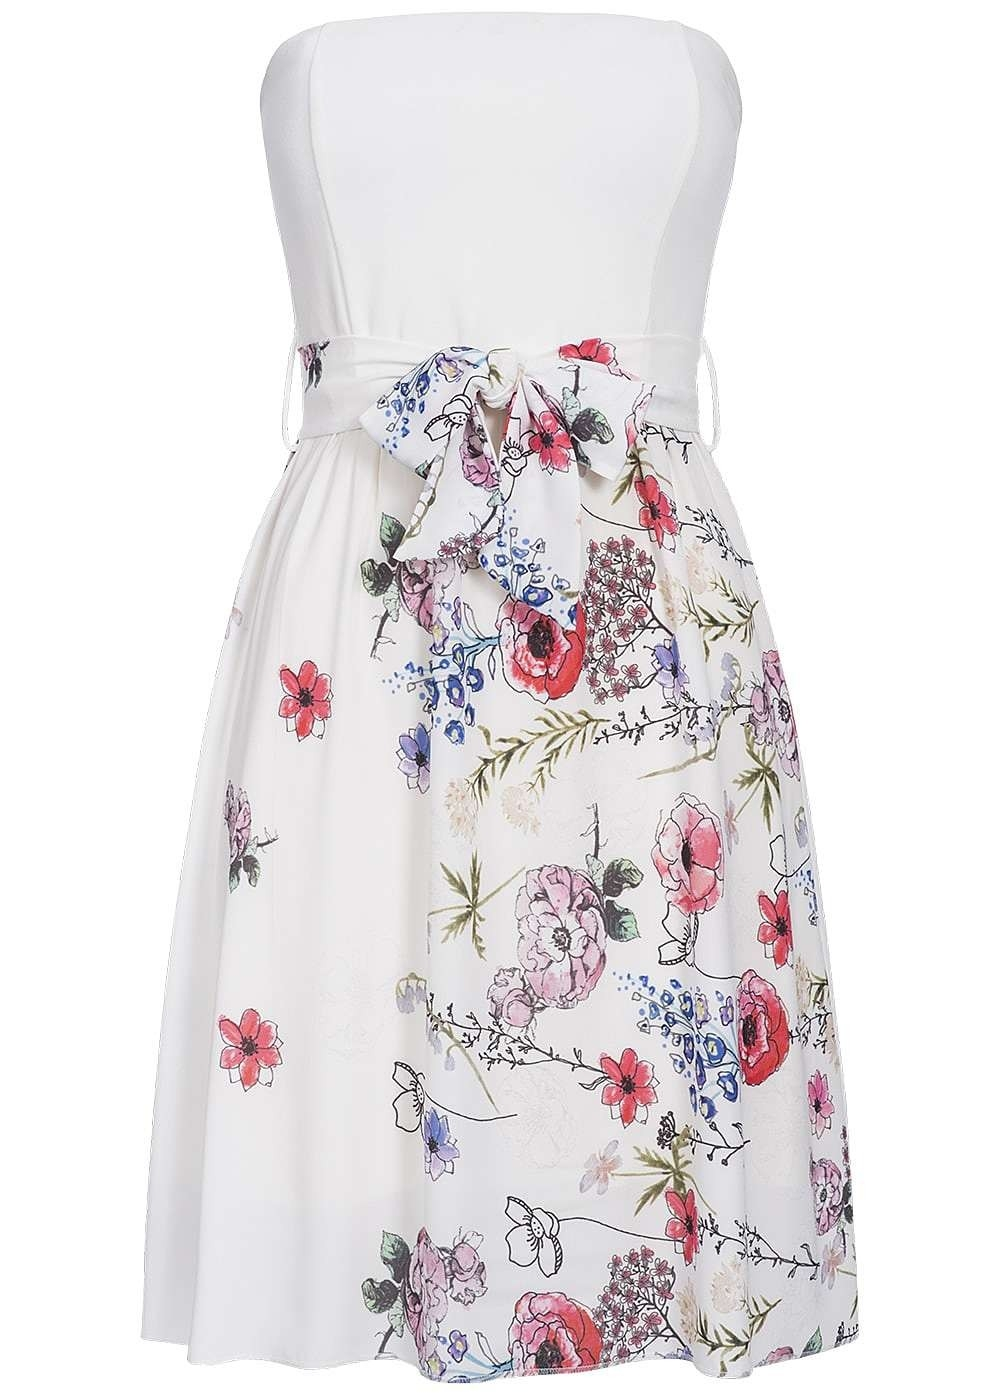 15 Elegant Kleid Weiß Mit Blumen Boutique15 Top Kleid Weiß Mit Blumen Ärmel